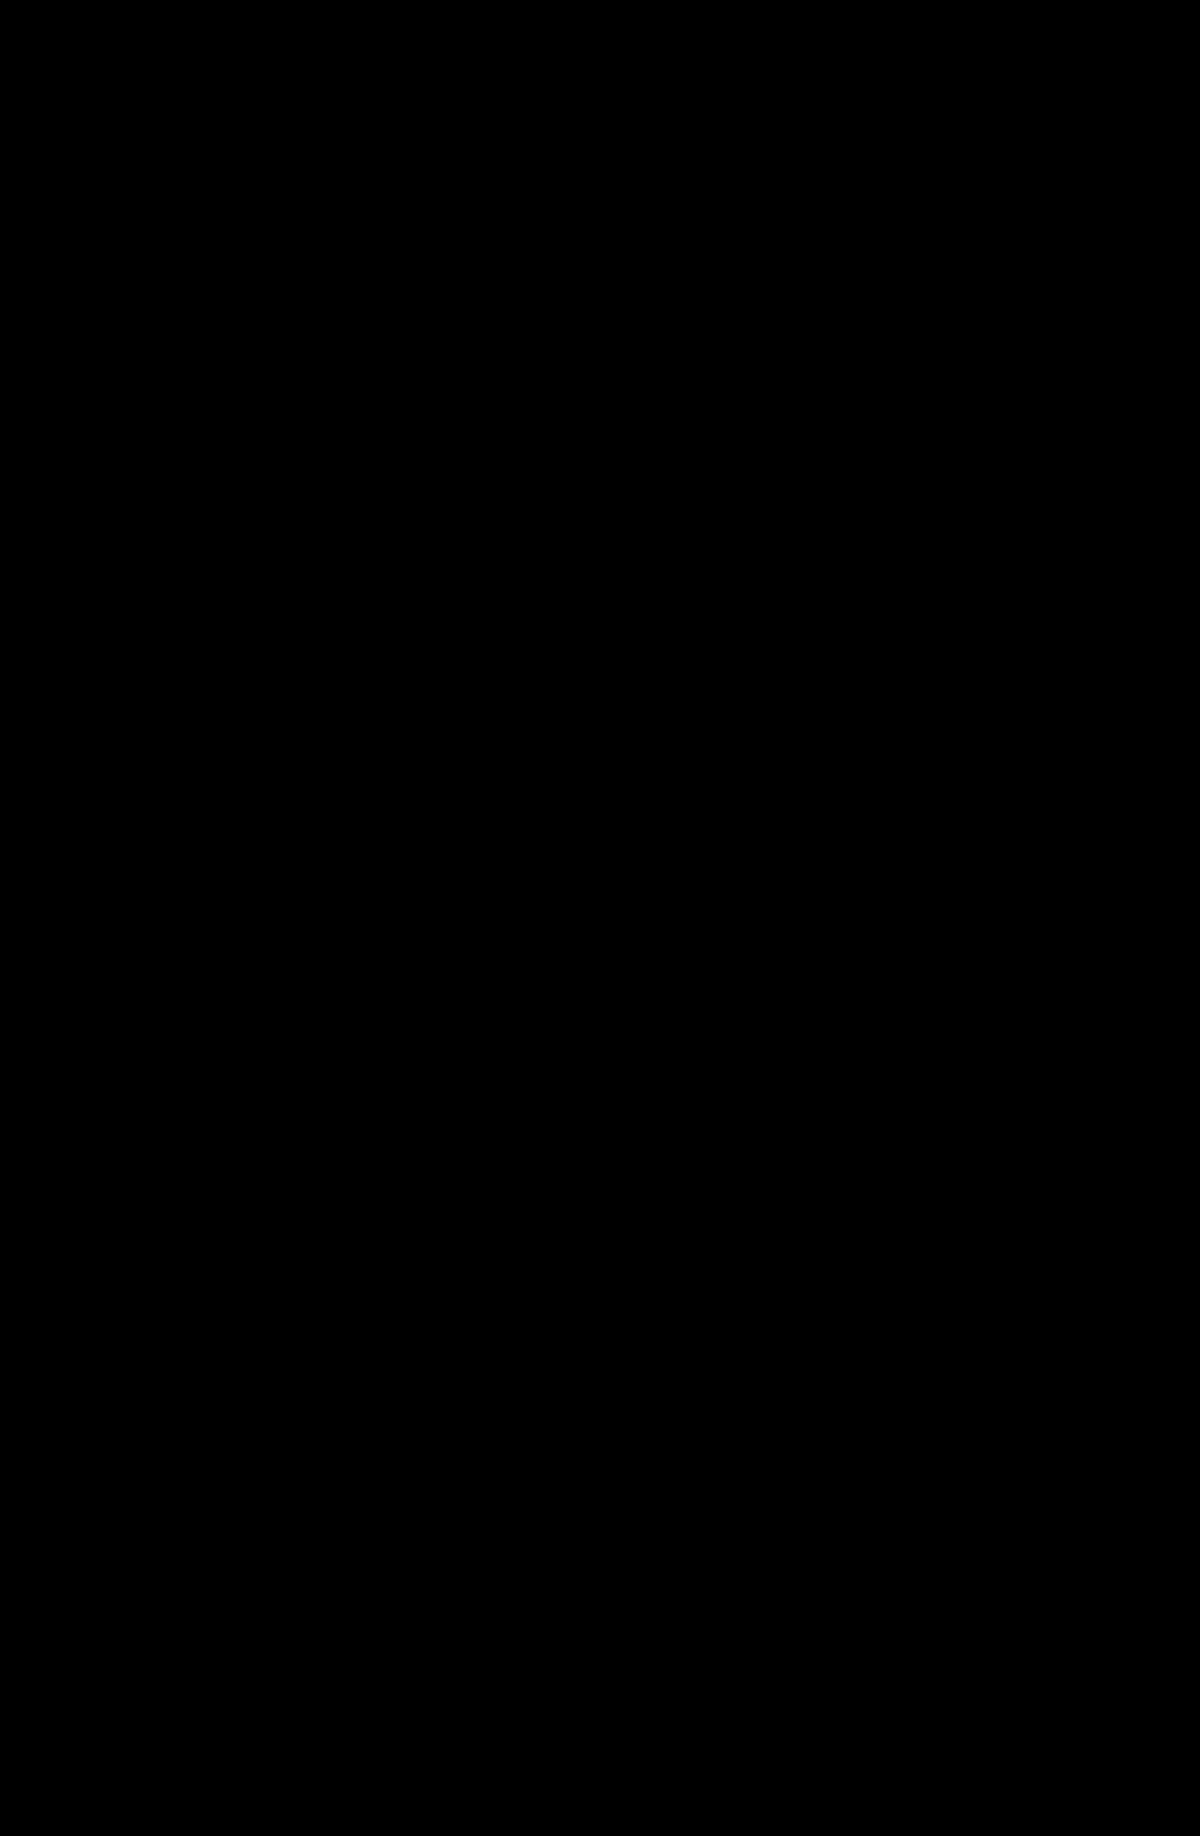 Подготовка школьников к егэ (справочник по математике - стереометрия - цилиндры)